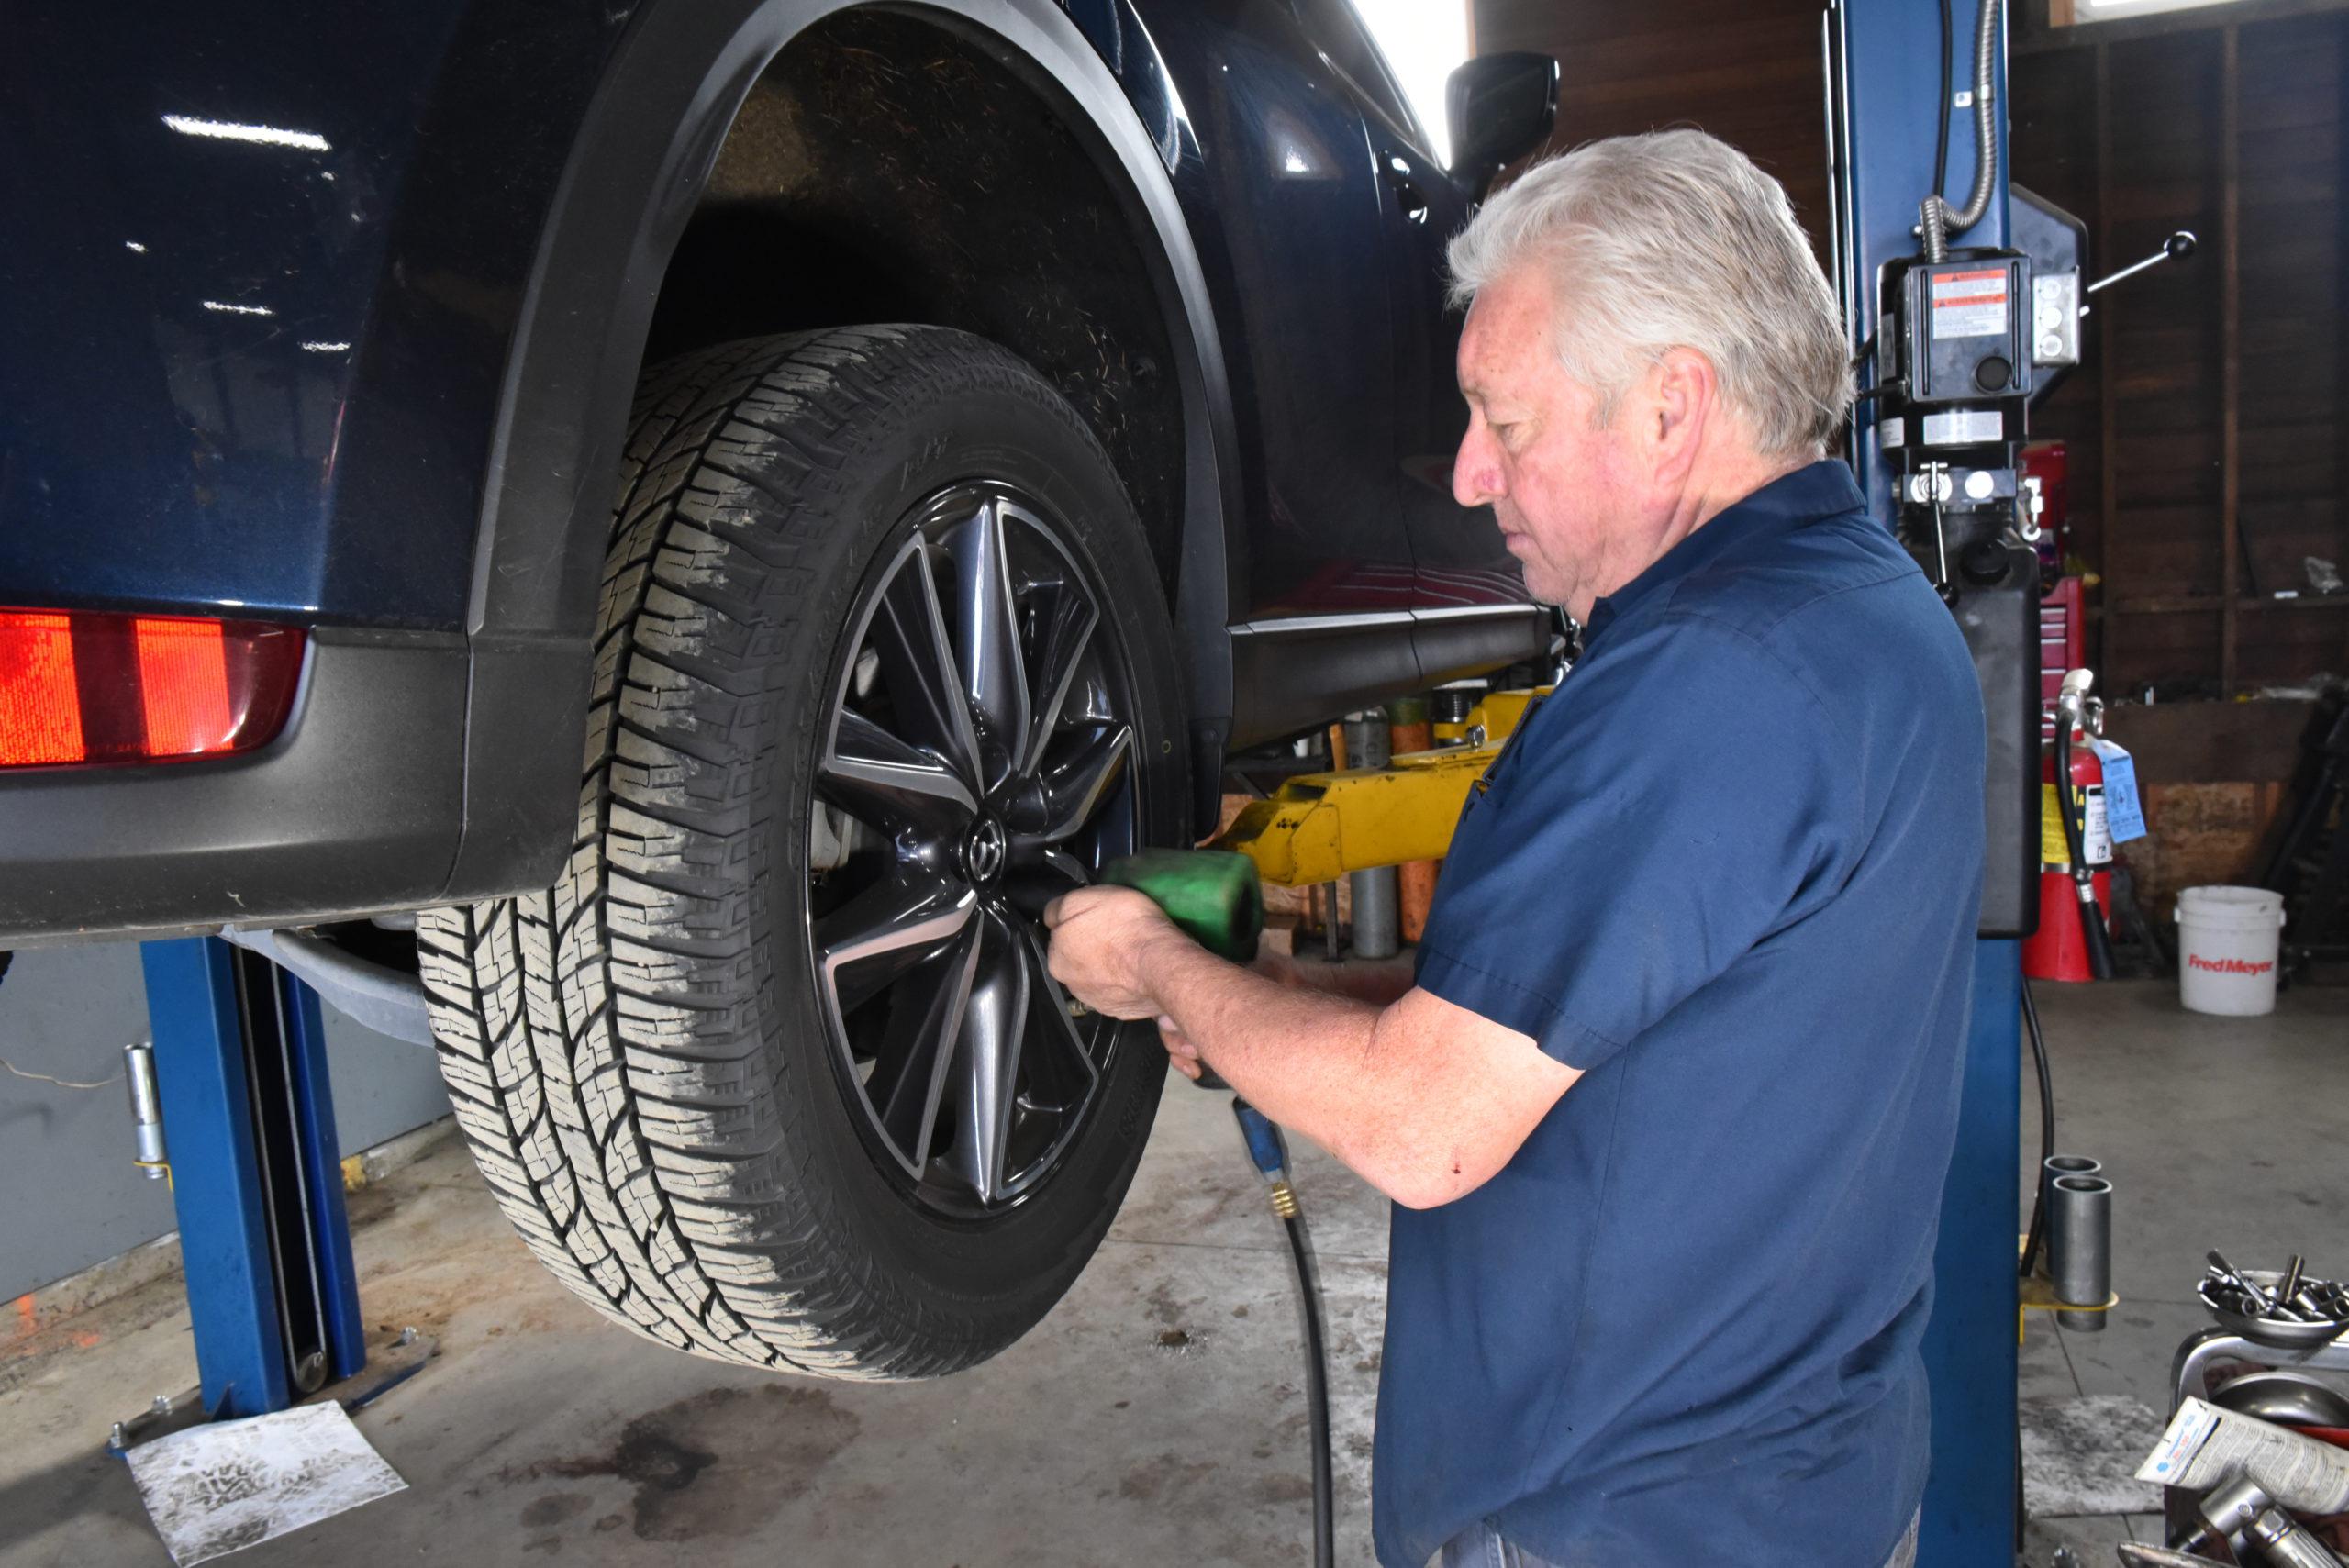 Mazda CX-5 on lift with mechanic